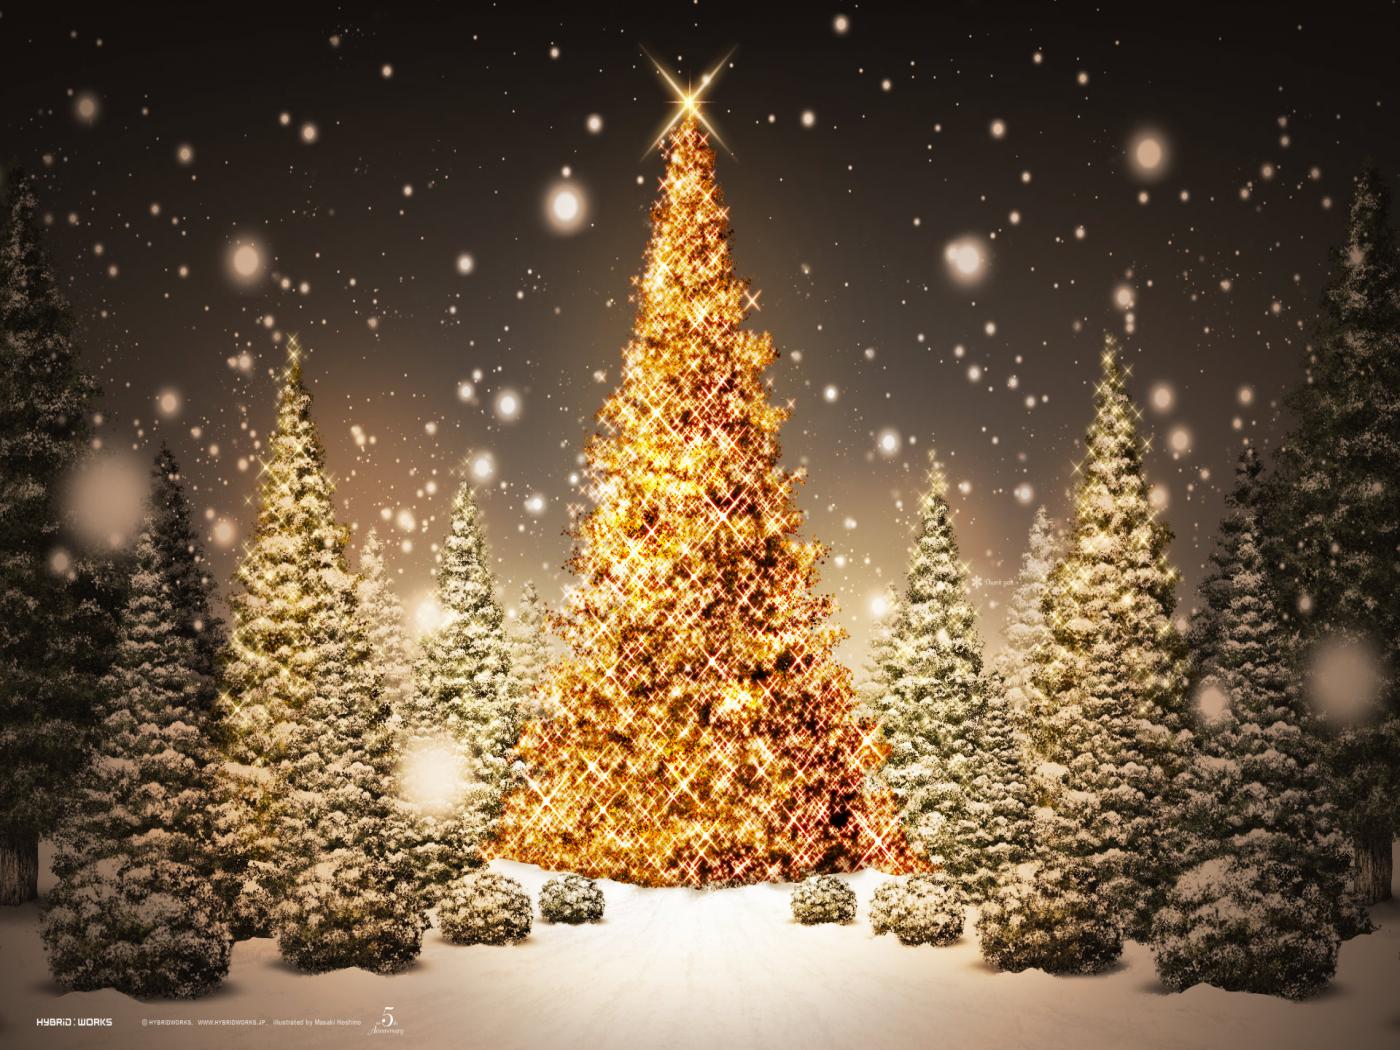 Fondos De Navidad Gratis Con Movimiento En Hd Gratis Para Descargar 4 Fondos De Navidad Gratis Fondos De Navidad Hd Fondos Navidad